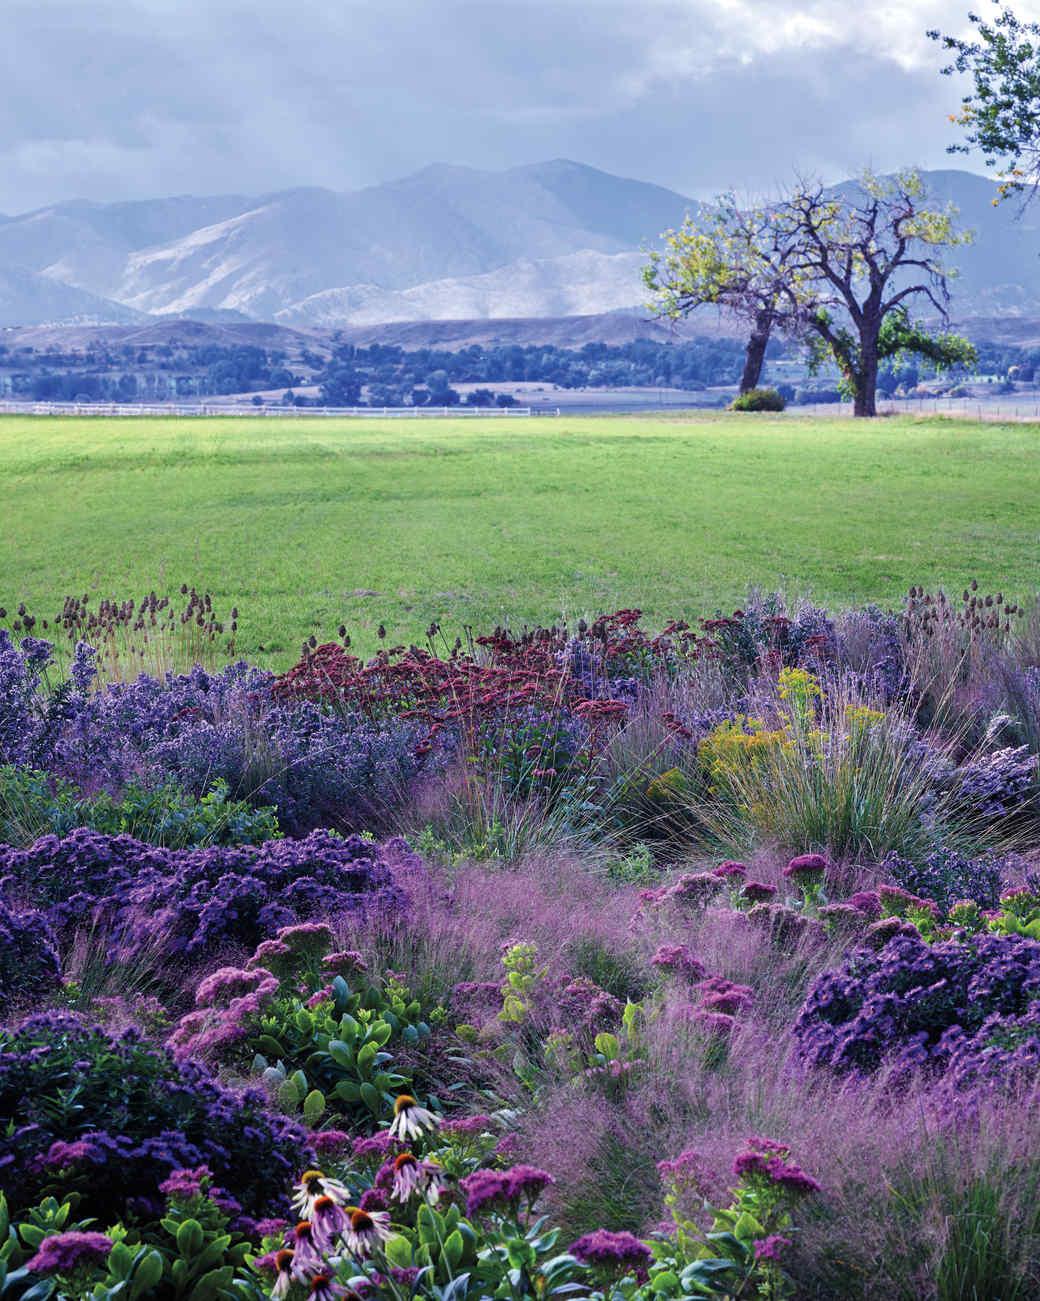 ogden-garden-001-d111601-comp.jpg